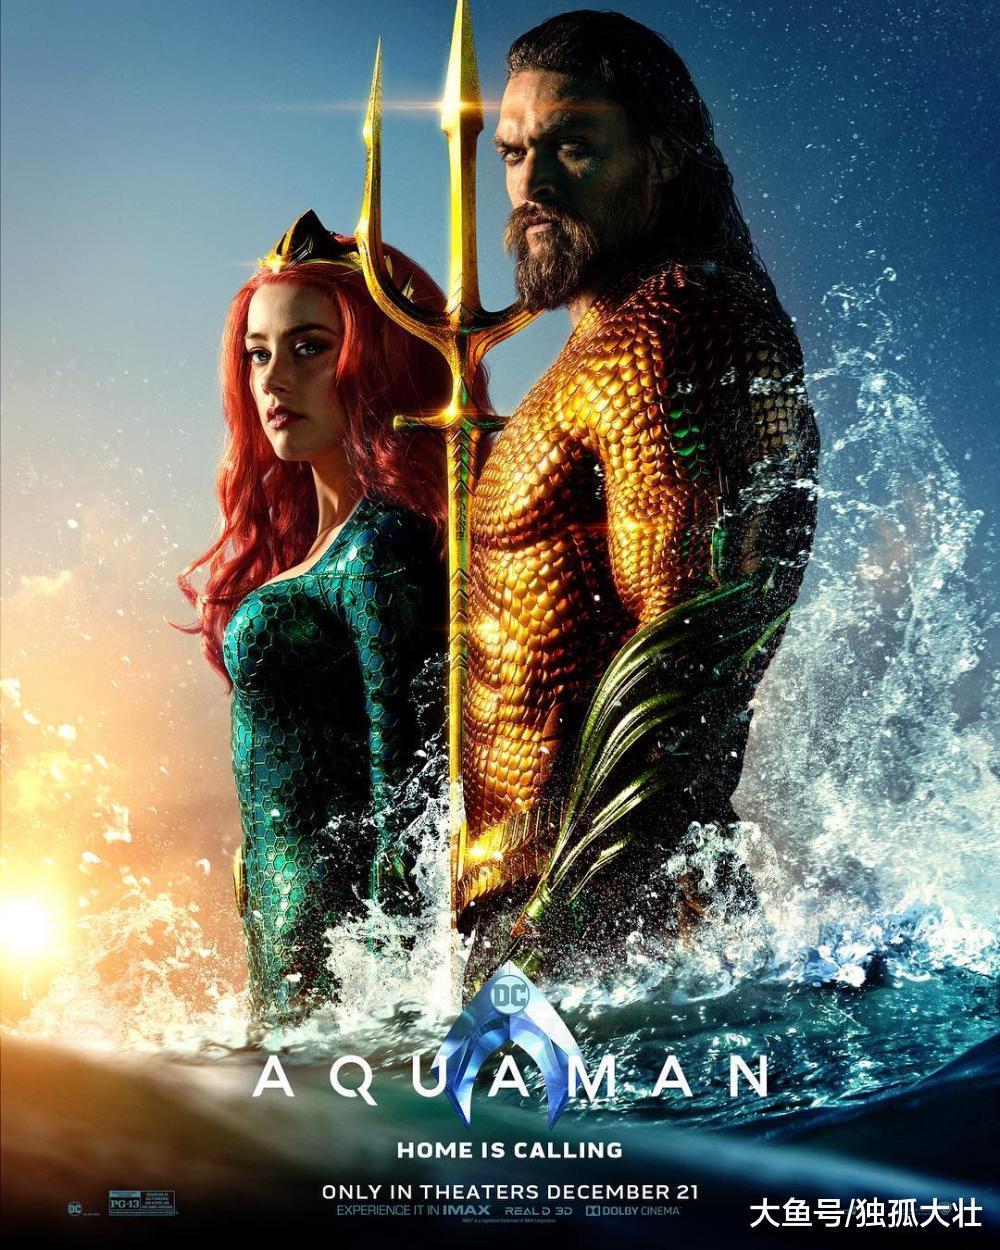 电影《海王》被网友吐槽, 凭啥海王的爸爸能在海边捡到妹子?